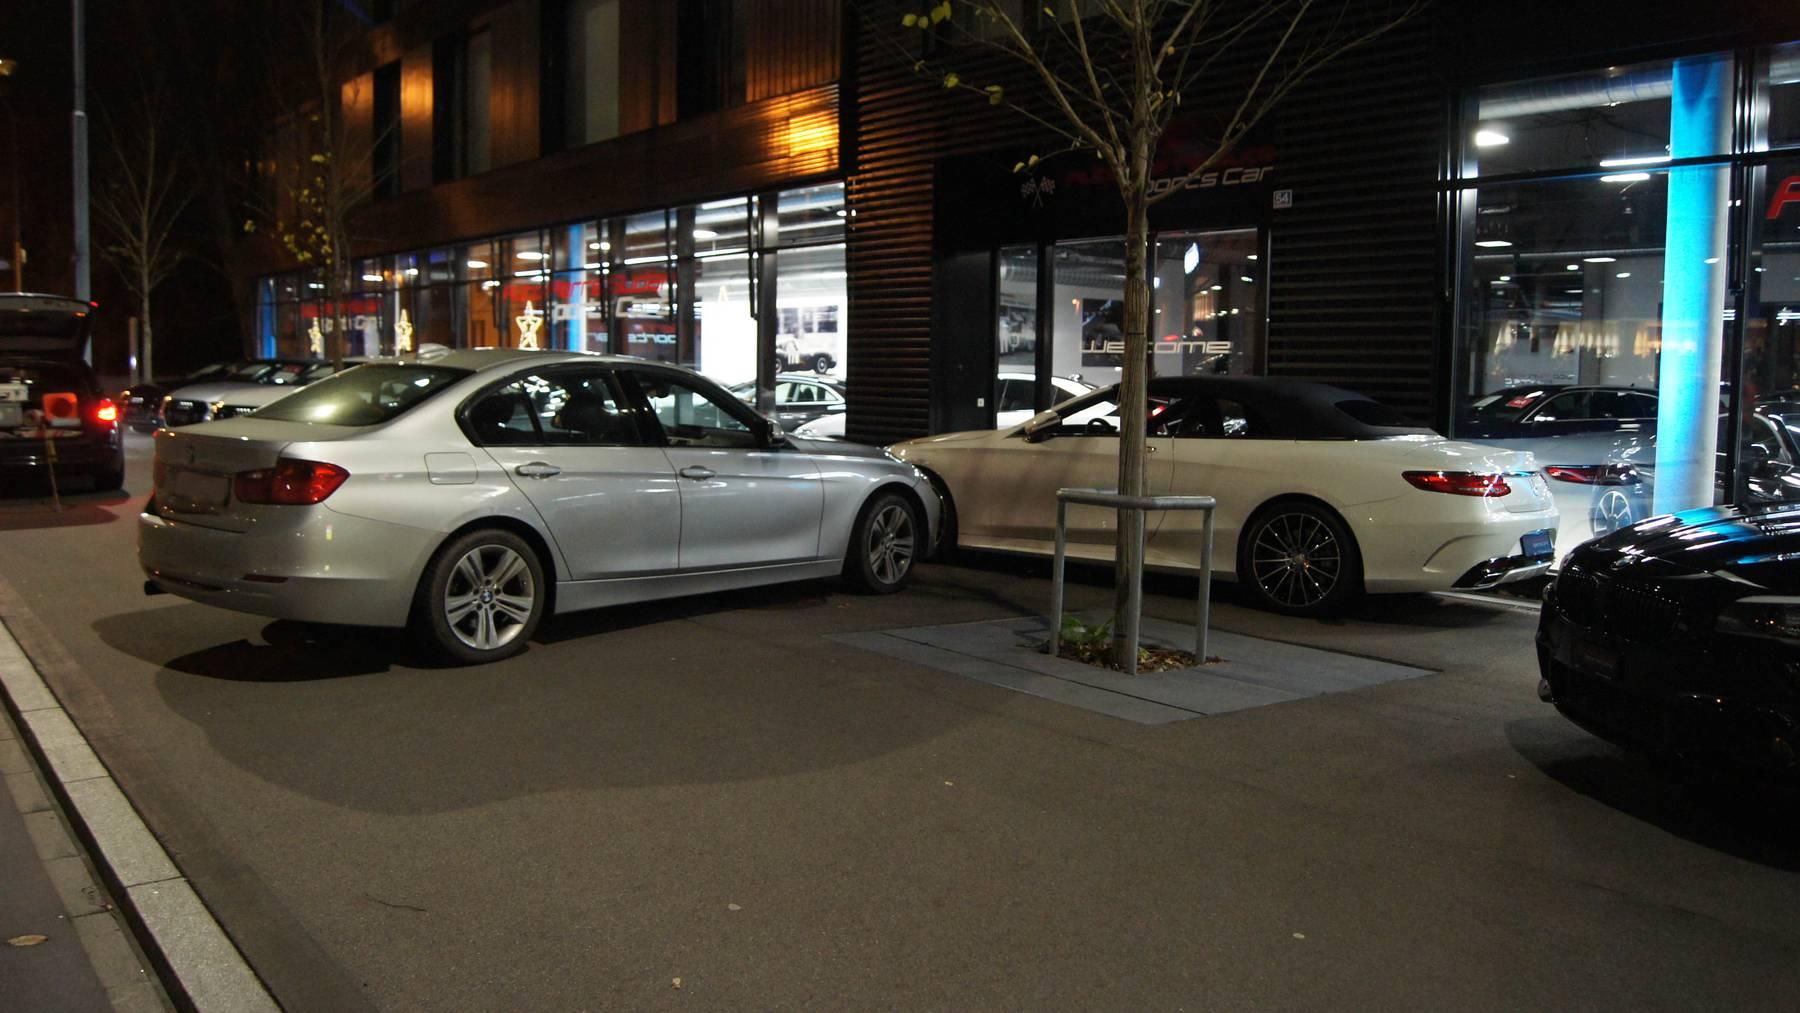 Betrunkener rammt parkierten Luxussportwagen